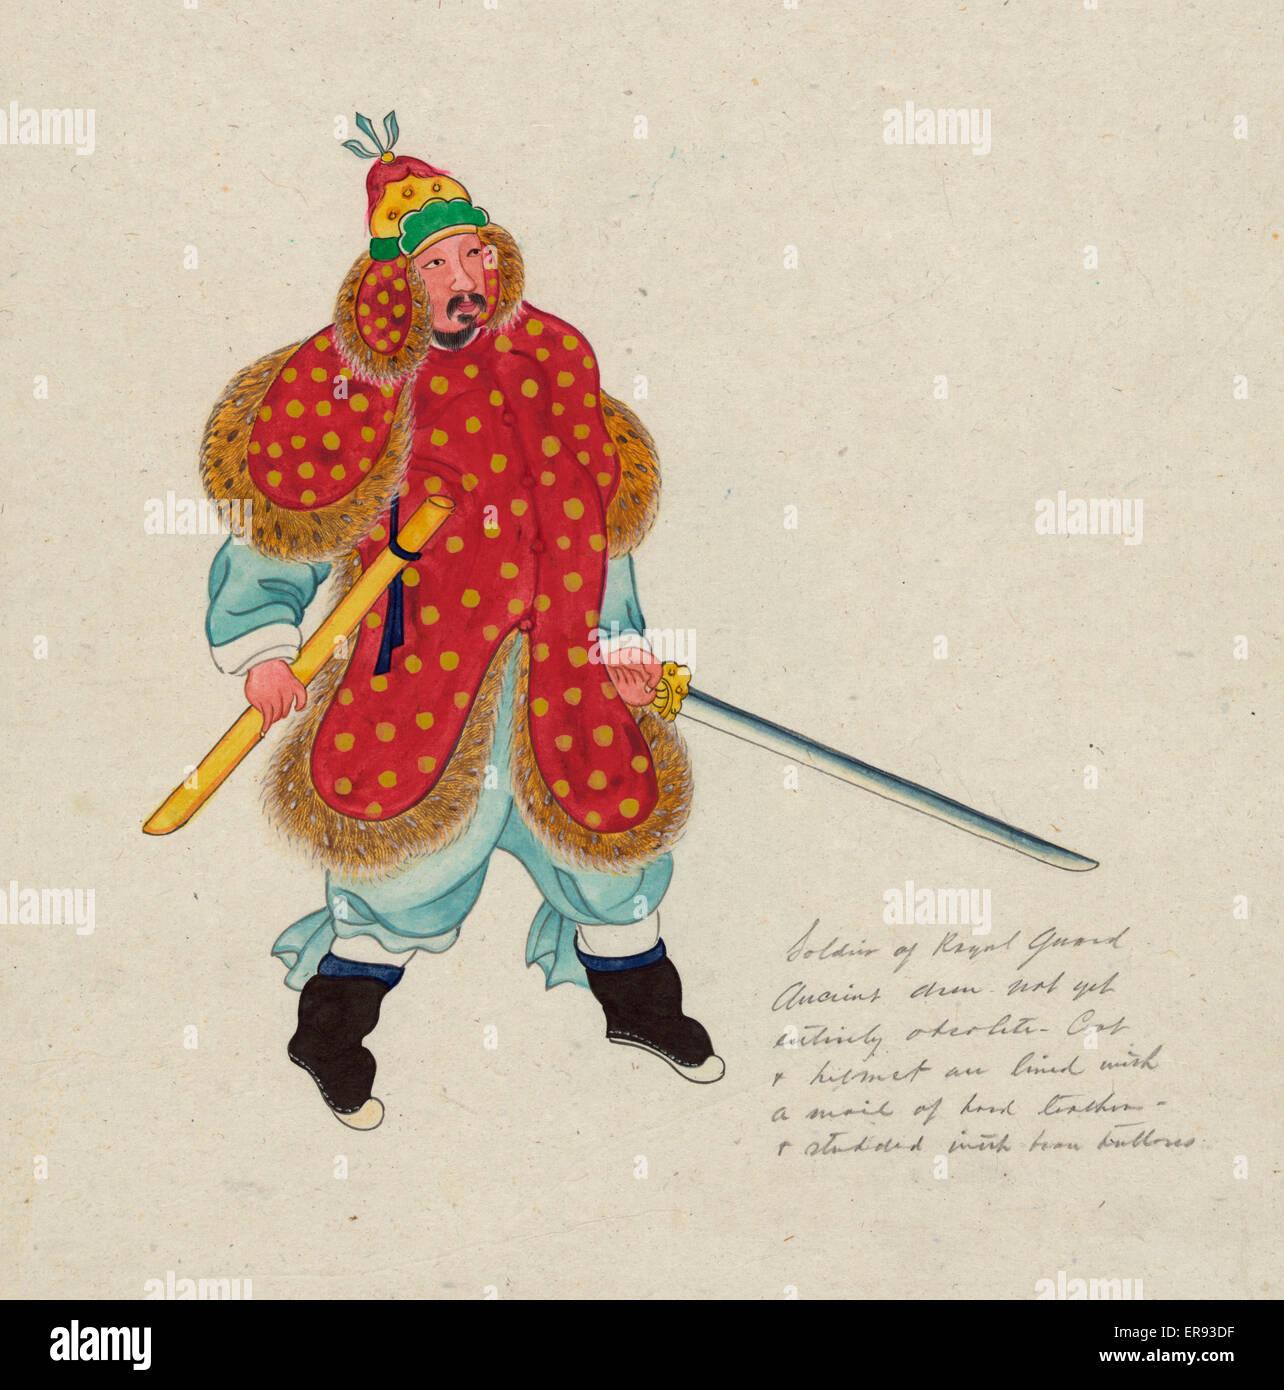 Soldat De La Garde Royale Robe Ancienne Pas Encore